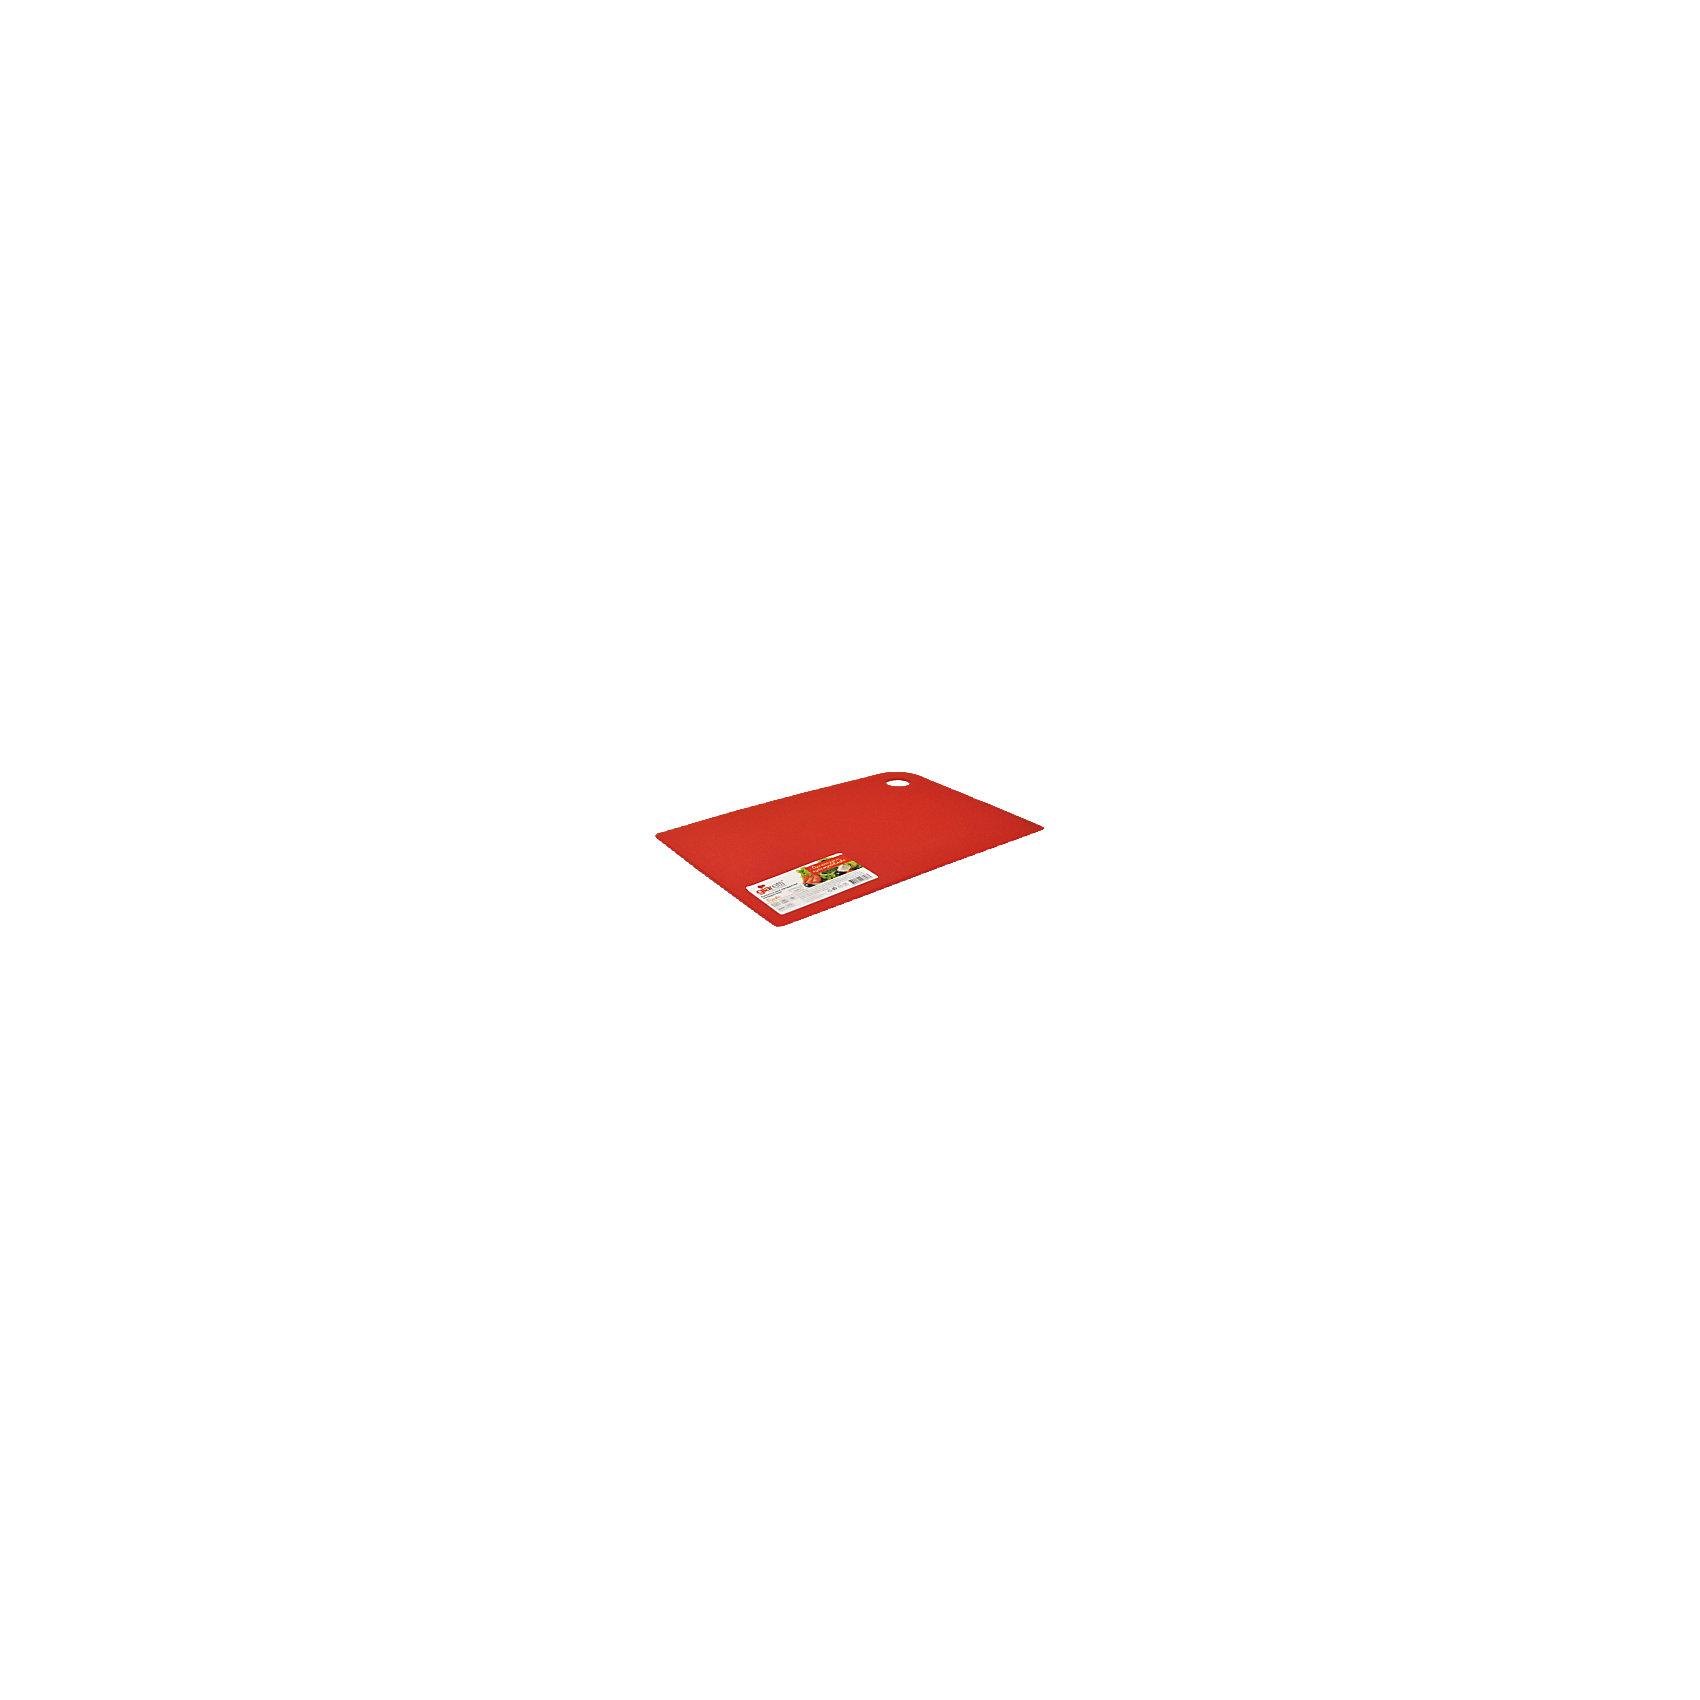 Доска разделочная Delicato 35*25 см, GiarettiПосуда<br>Доска разделочная Delicato 35*25 см, Giaretti<br><br>Характеристики:<br><br>• Цвет: красный<br>• Материал: пластик<br>• В комплекте: 1 штука<br>• Размер: 35х25 см<br><br>Эти компактные разделочные доски от Giaretti позволят вам легко навести порядок на вашей кухне и не отвлекаться на мелочи. Благодаря своей гибкости, эти доски можно использовать, чтобы переложить нарезанные ингредиенты, не рассыпав содержимое. Изготовлены они из высококачественного пищевого пластика, который безопасен  для здоровья. <br><br>Доска разделочная Delicato 35*25 см, Giaretti можно купить в нашем интернет-магазине.<br><br>Ширина мм: 350<br>Глубина мм: 250<br>Высота мм: 2<br>Вес г: 180<br>Возраст от месяцев: 216<br>Возраст до месяцев: 1188<br>Пол: Унисекс<br>Возраст: Детский<br>SKU: 5545622